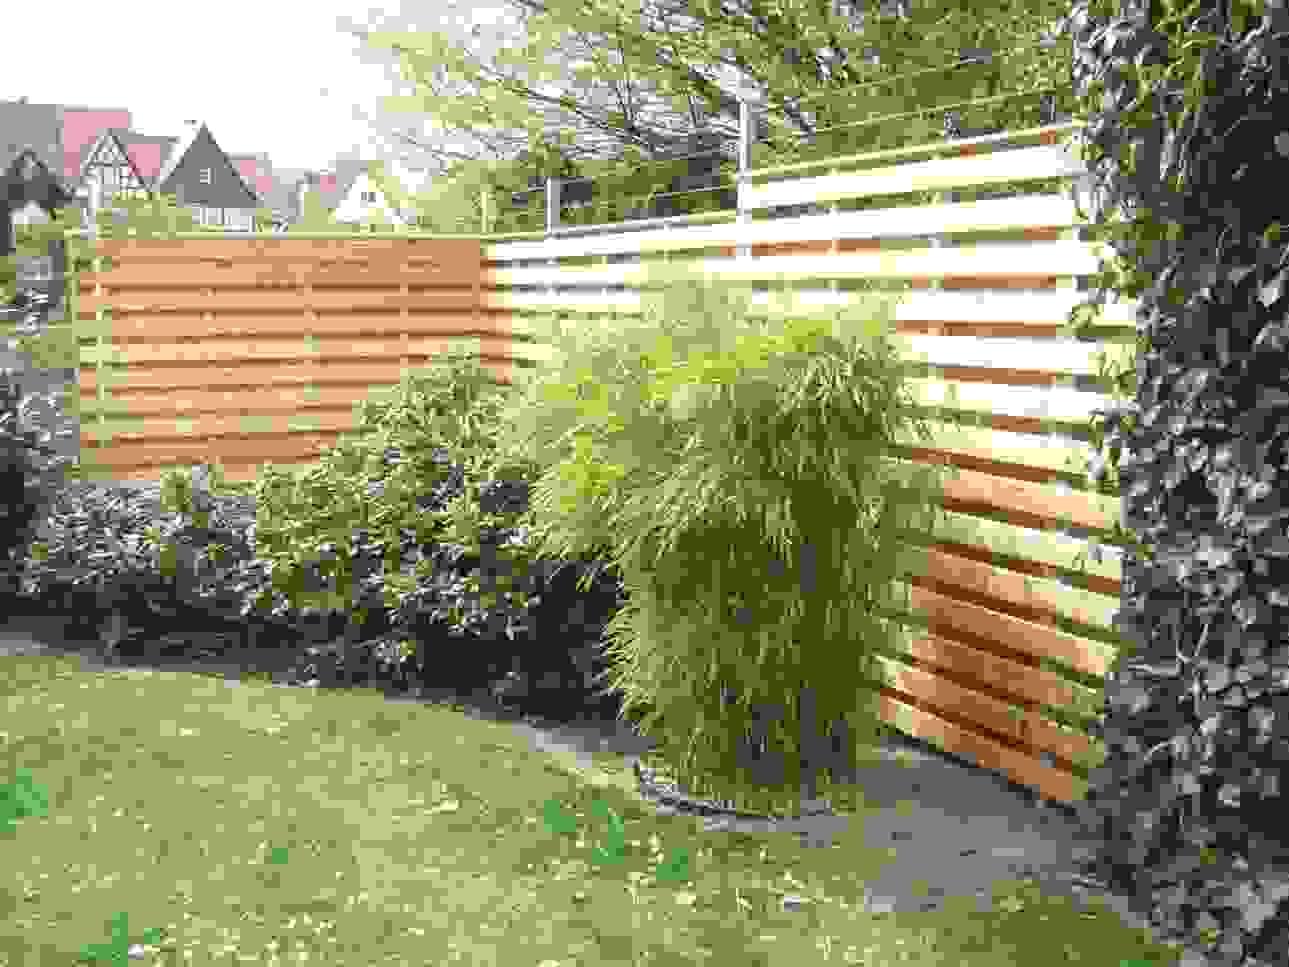 Tolle 40 Sichtschutz Garten Selber Bauen Design  Einzigartiger Garten von Sichtschutz Garten Günstig Selber Bauen Bild